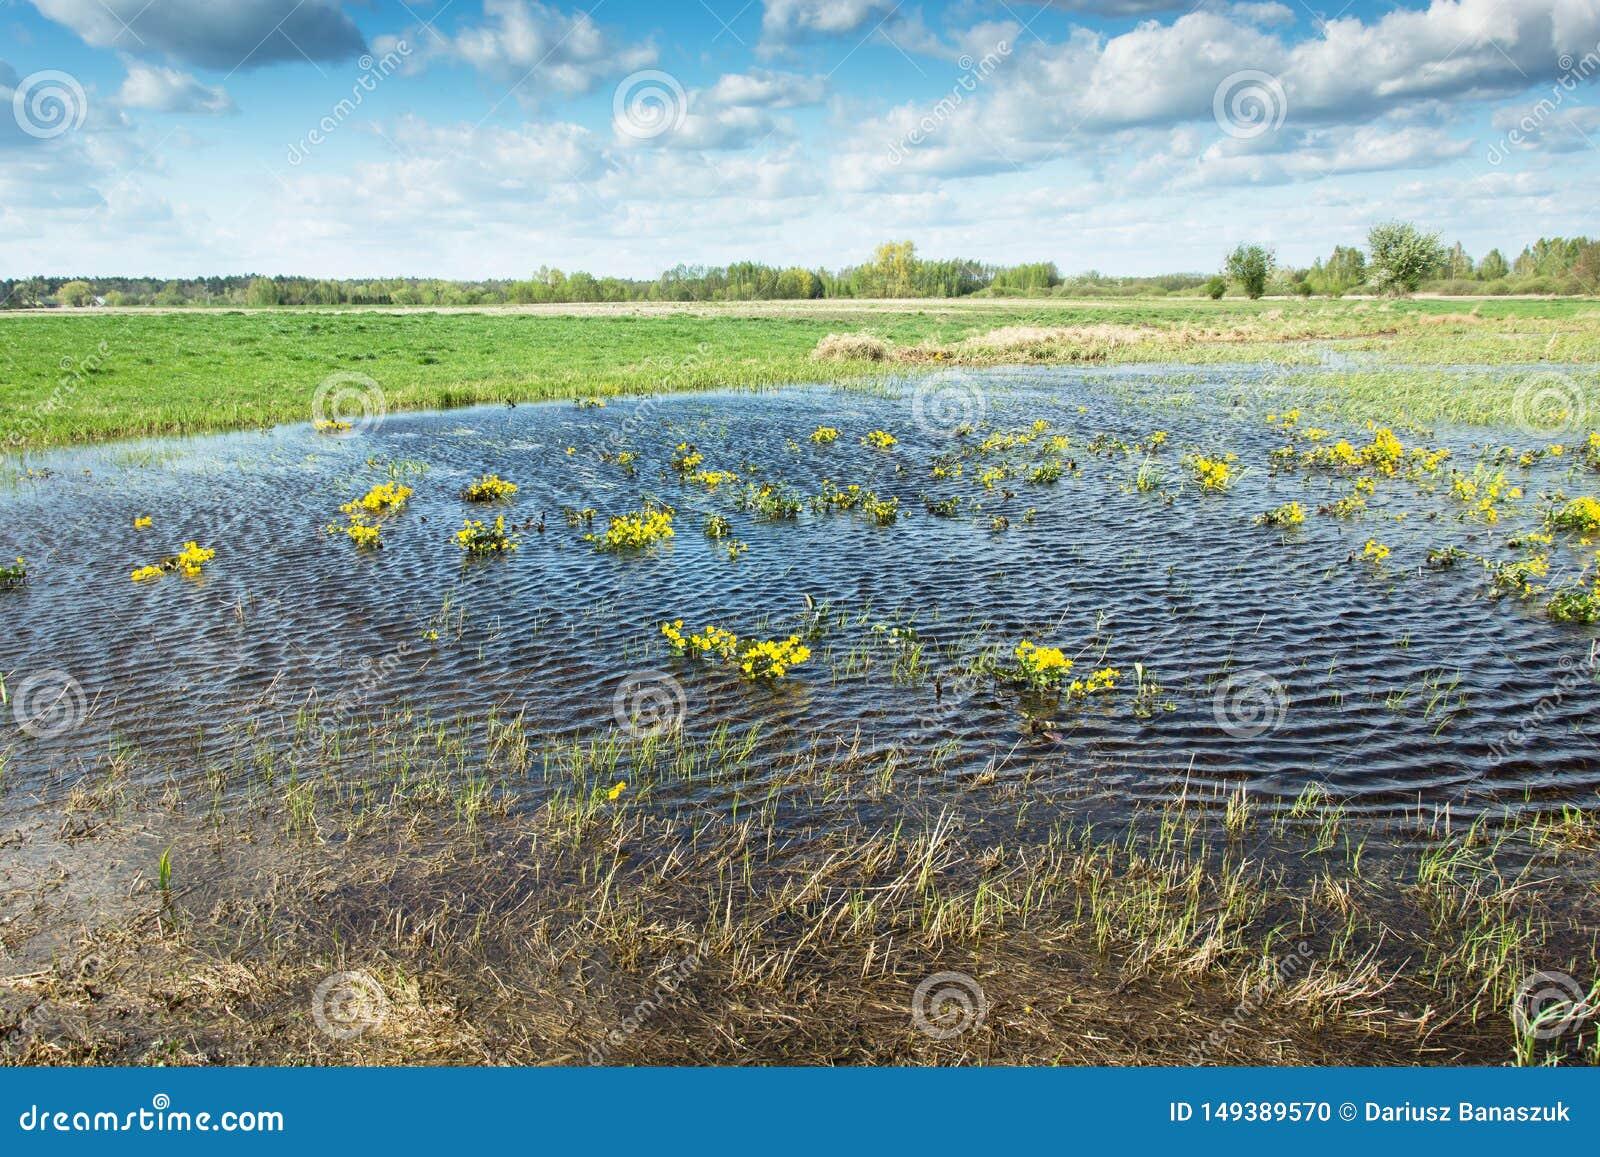 Flores amarillas en agua en el prado, nubes blancas en el cielo azul